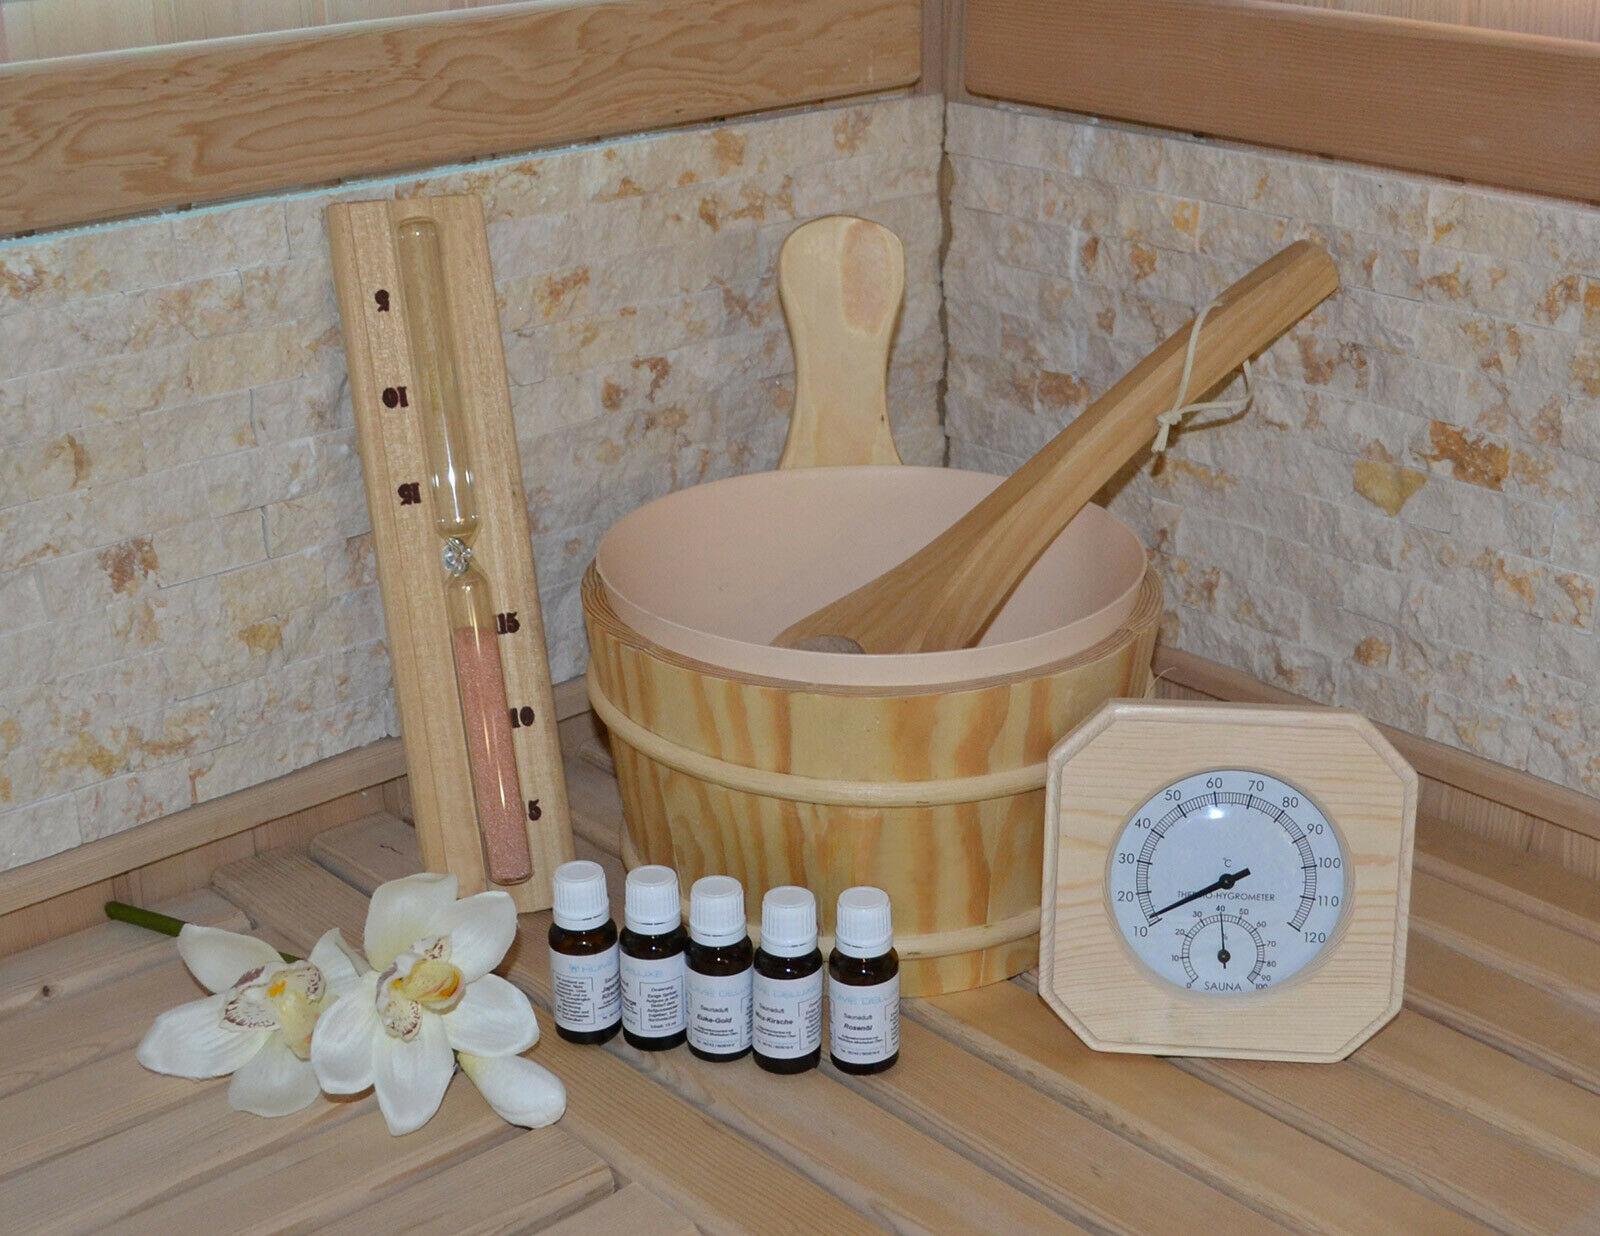 Банные принадлежности: обзор атрибутов для уютного и приятного отдыха в бане и сауне